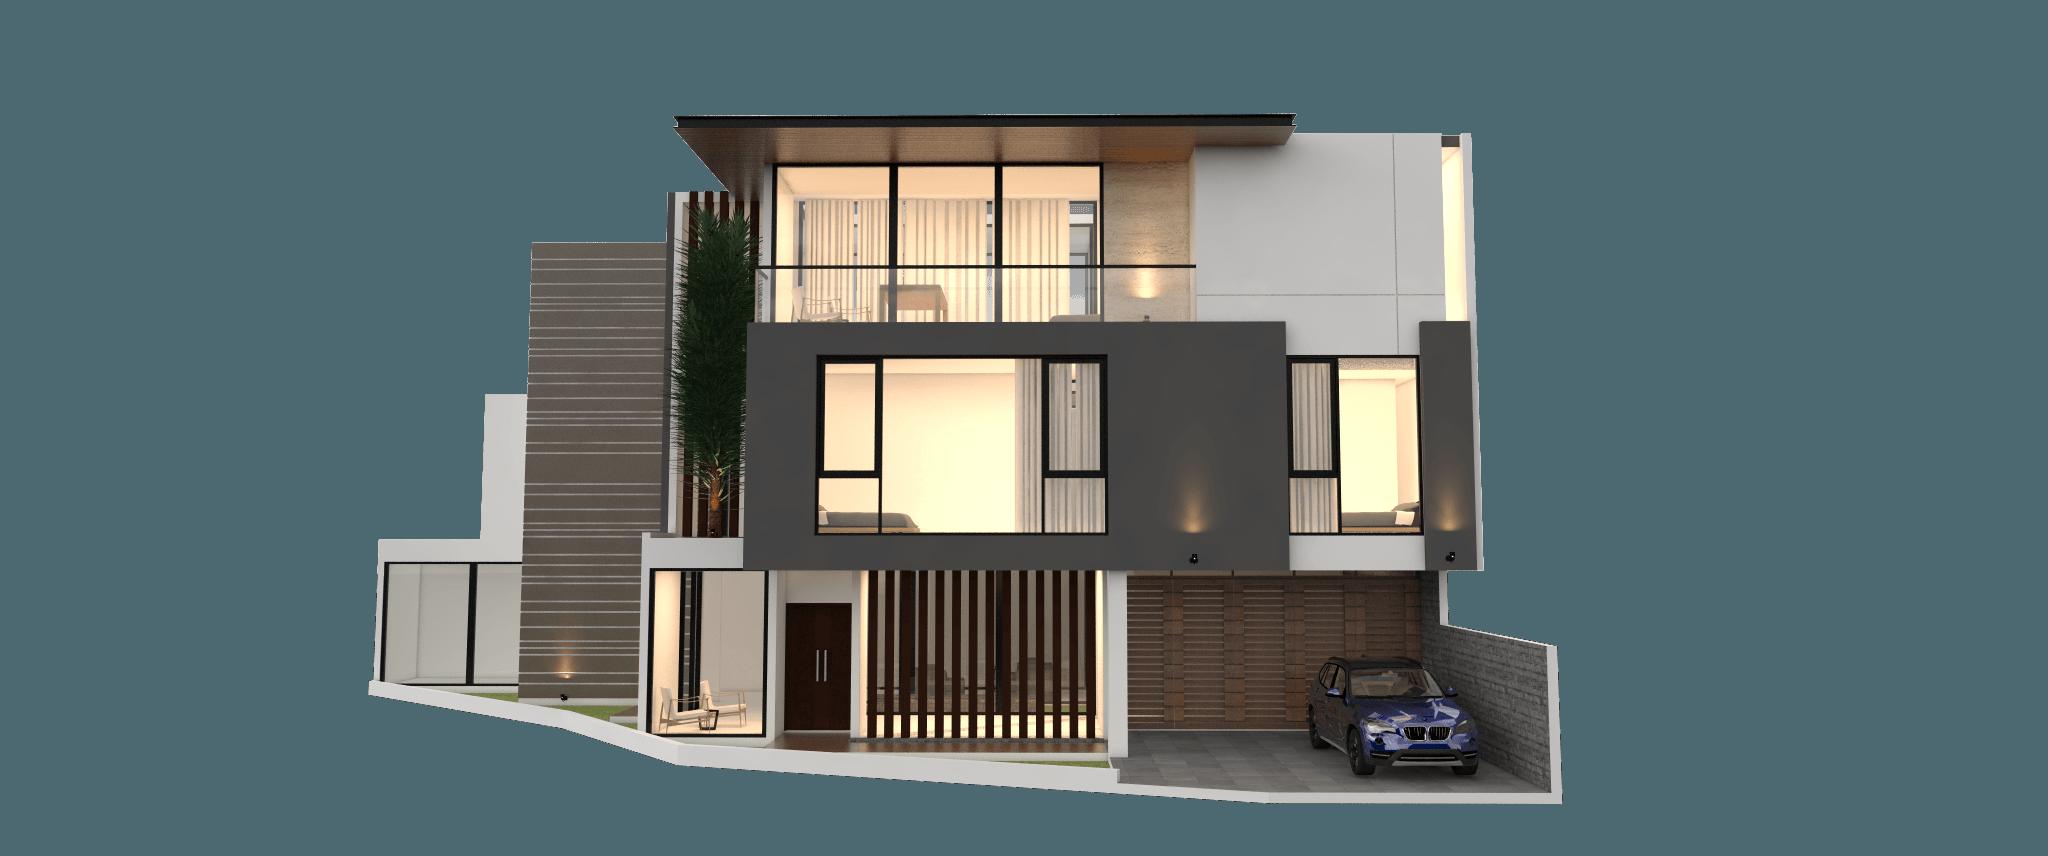 Sabio Design Modern House Surabaya Surabaya, Kota Sby, Jawa Timur, Indonesia Surabaya, Kota Sby, Jawa Timur, Indonesia Sabio-Design-Modern-House-Surabaya   119902